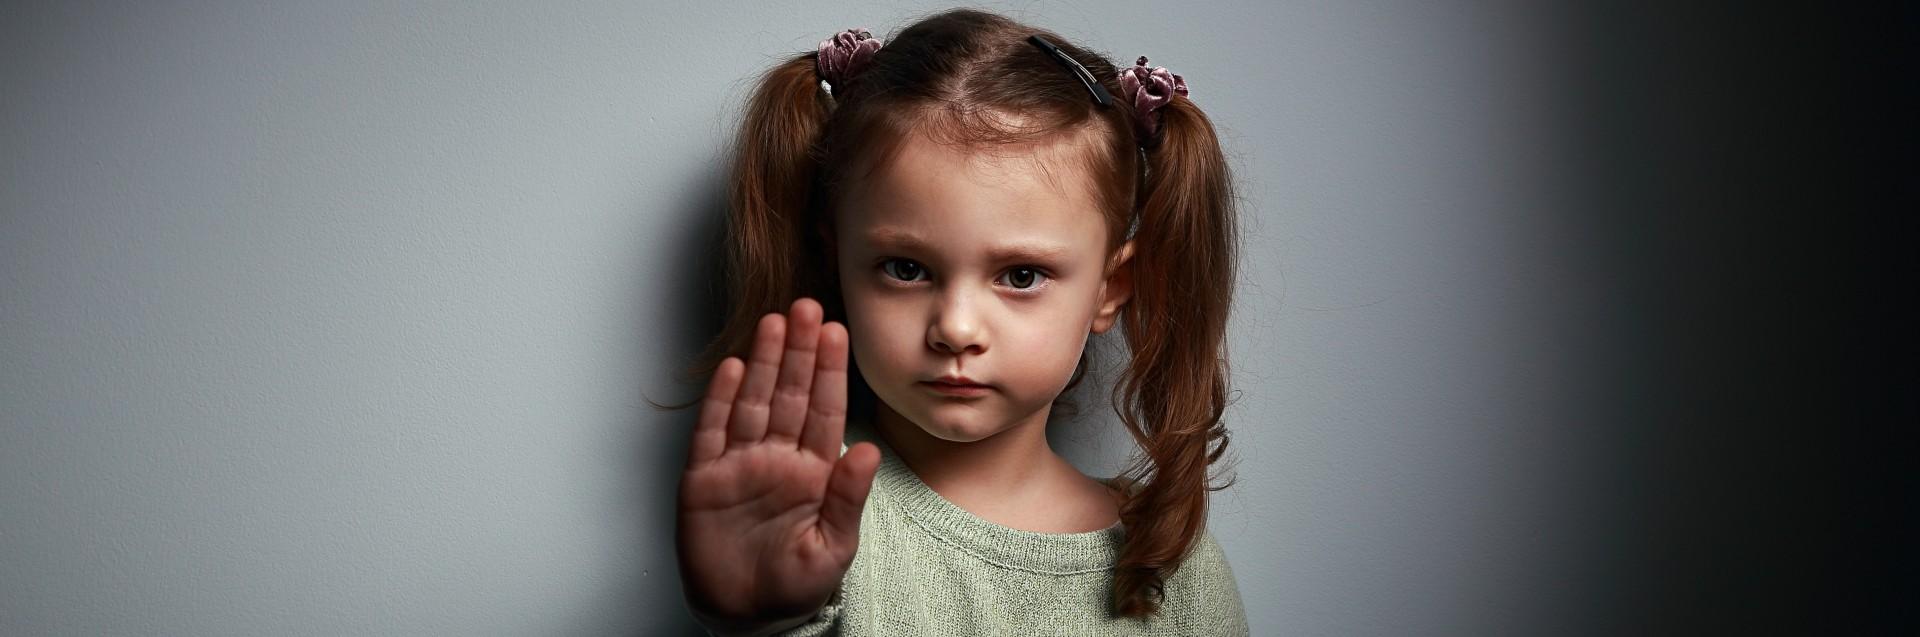 Liten jente som holder hånden foran seg for å vise at man skal stoppe